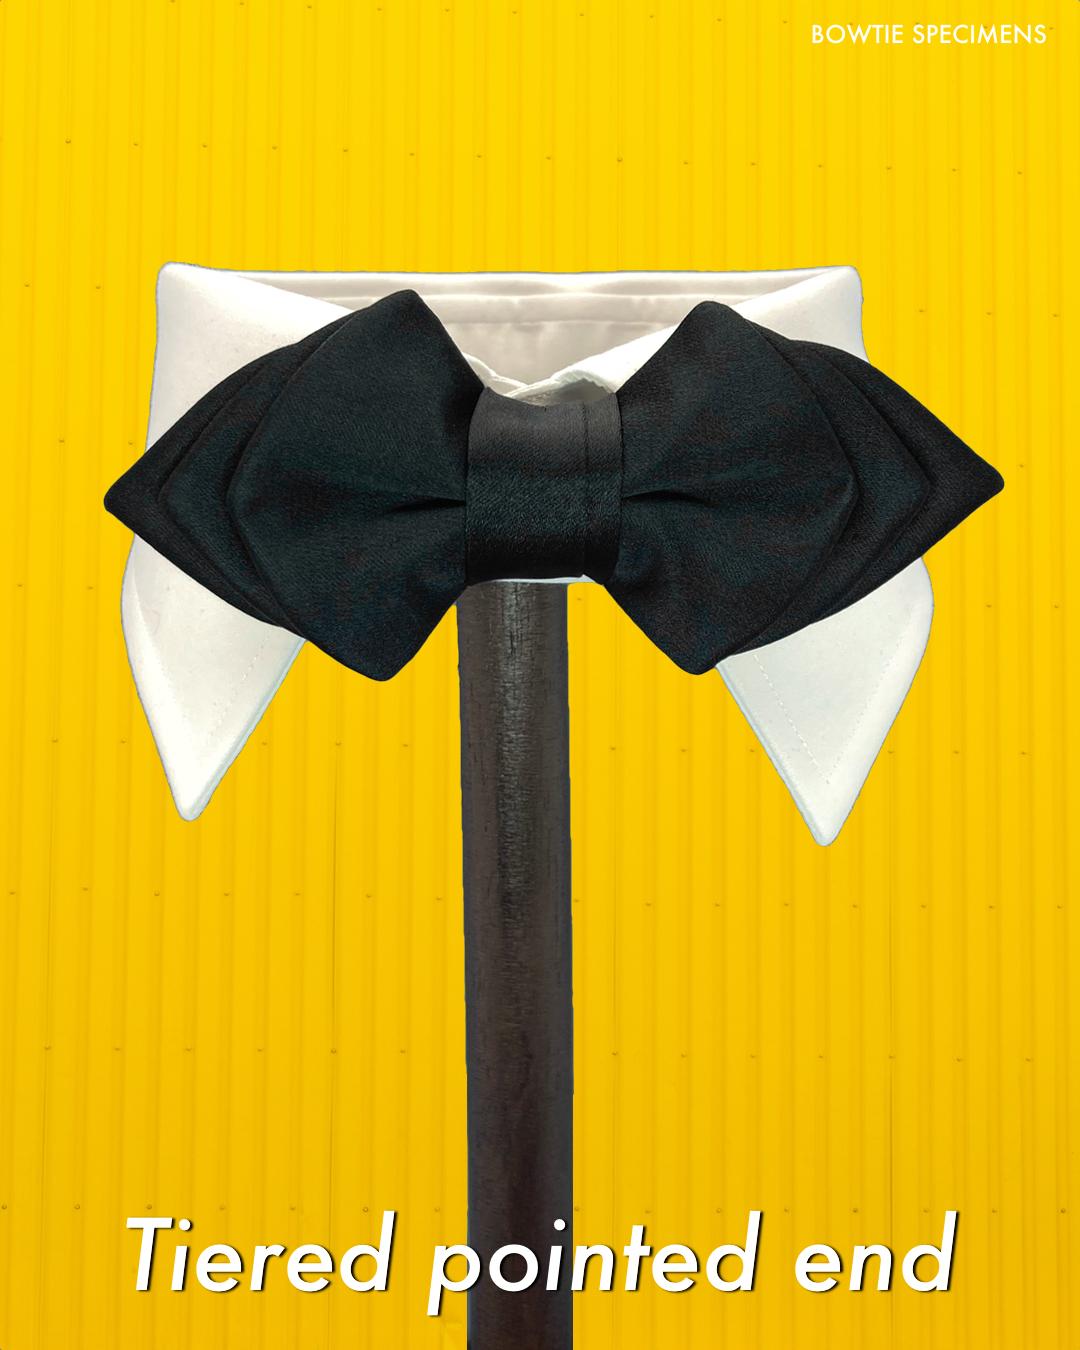 ティアード・ポインテッドエンド (ブラックサテン/ソリッド)  作り結び型〈蝶ネクタイ 黒 ブラック コーデ パーティー〉